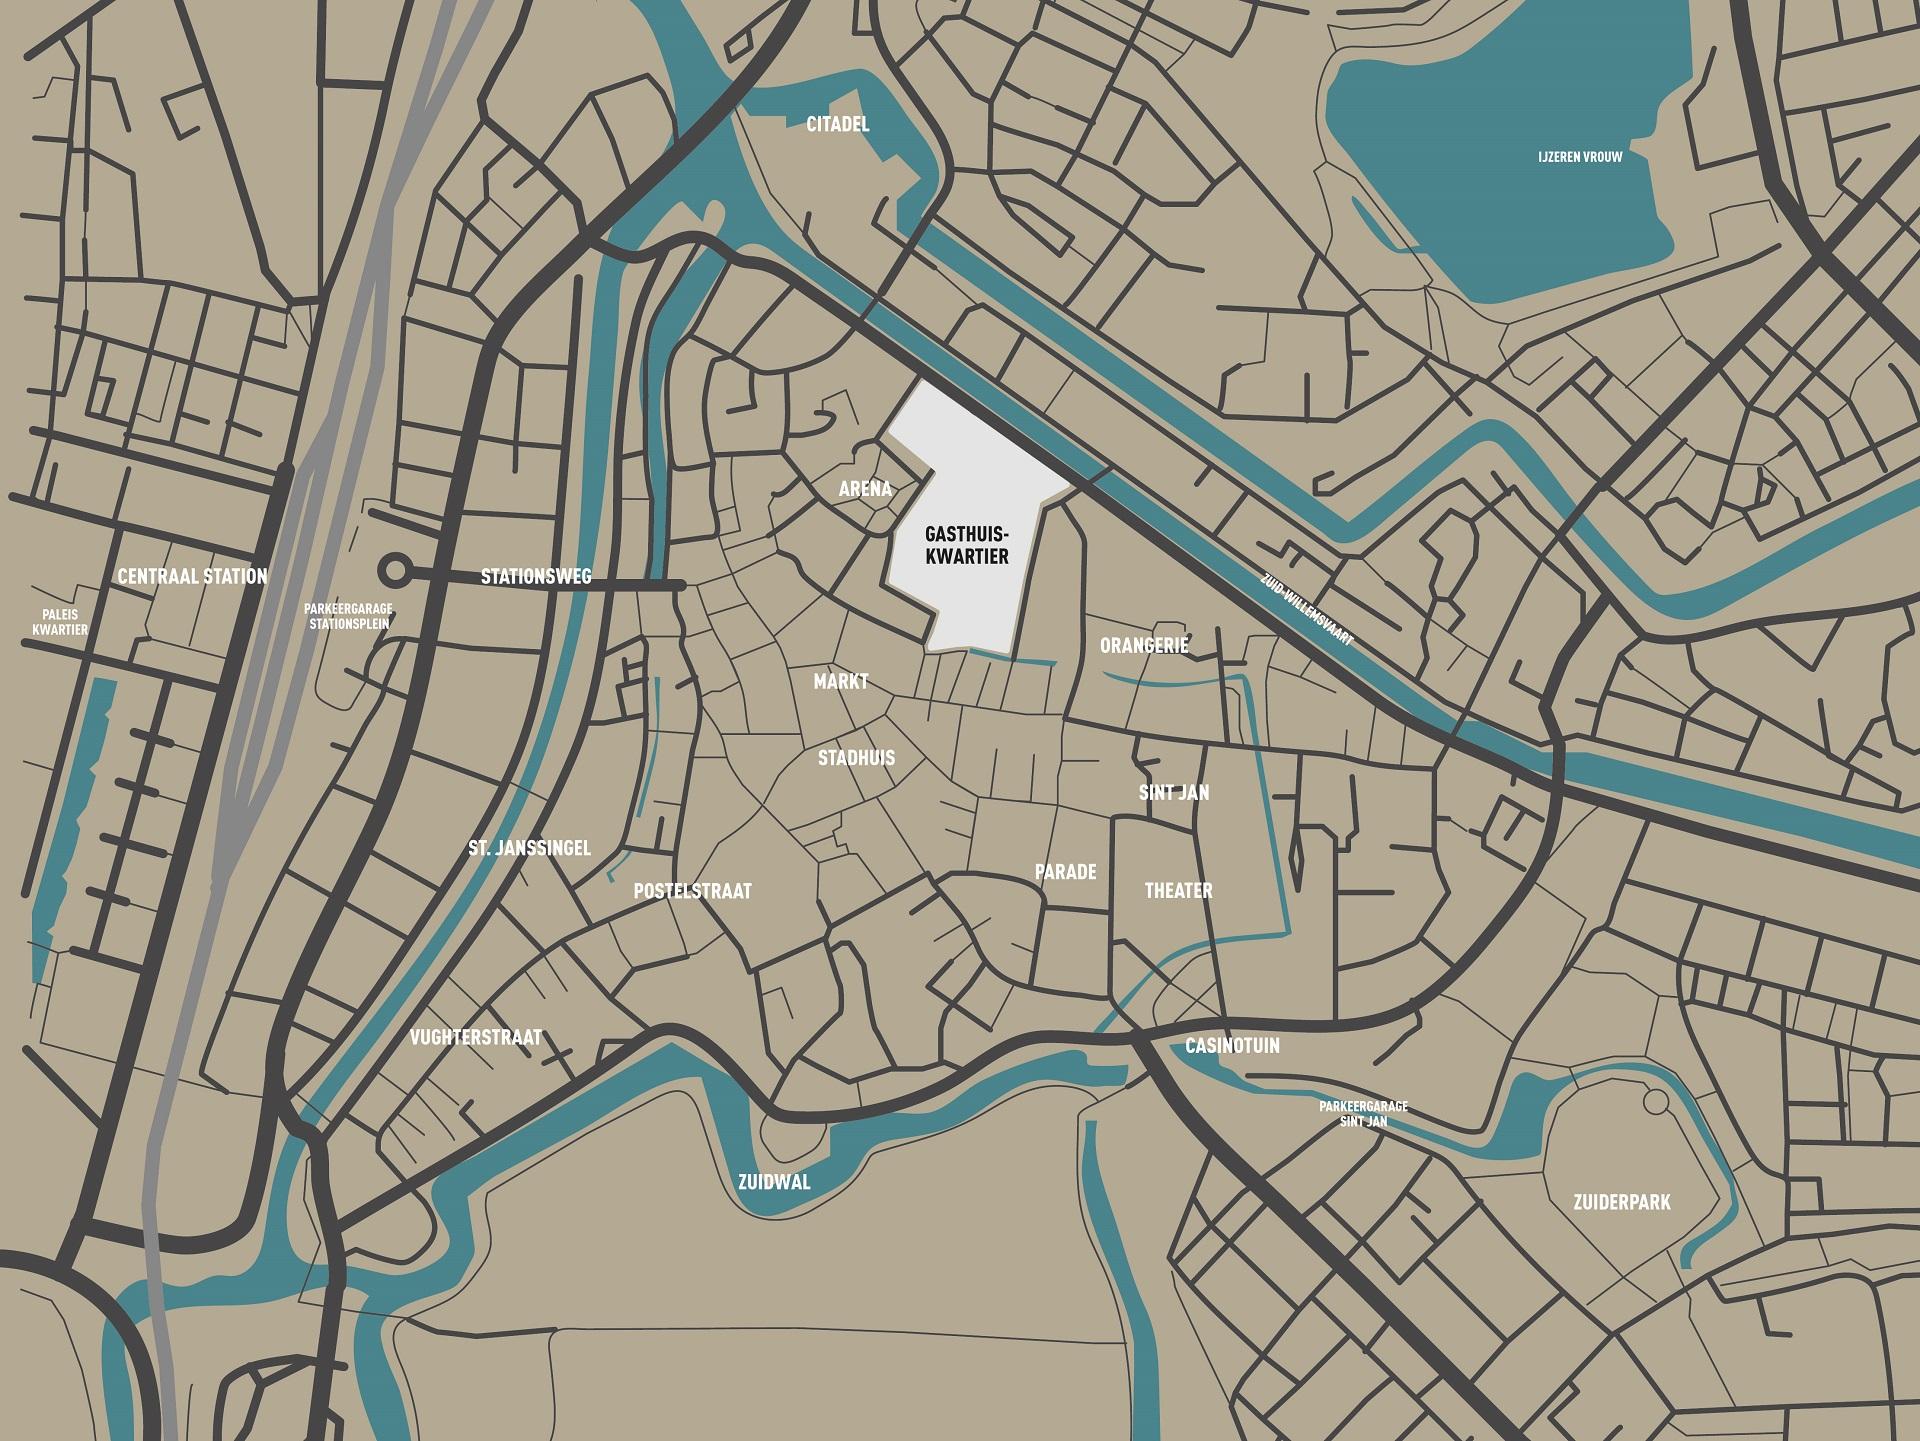 Kaart Den Bosch Bewerkt Uitgebreidlr Am Inspiring Space